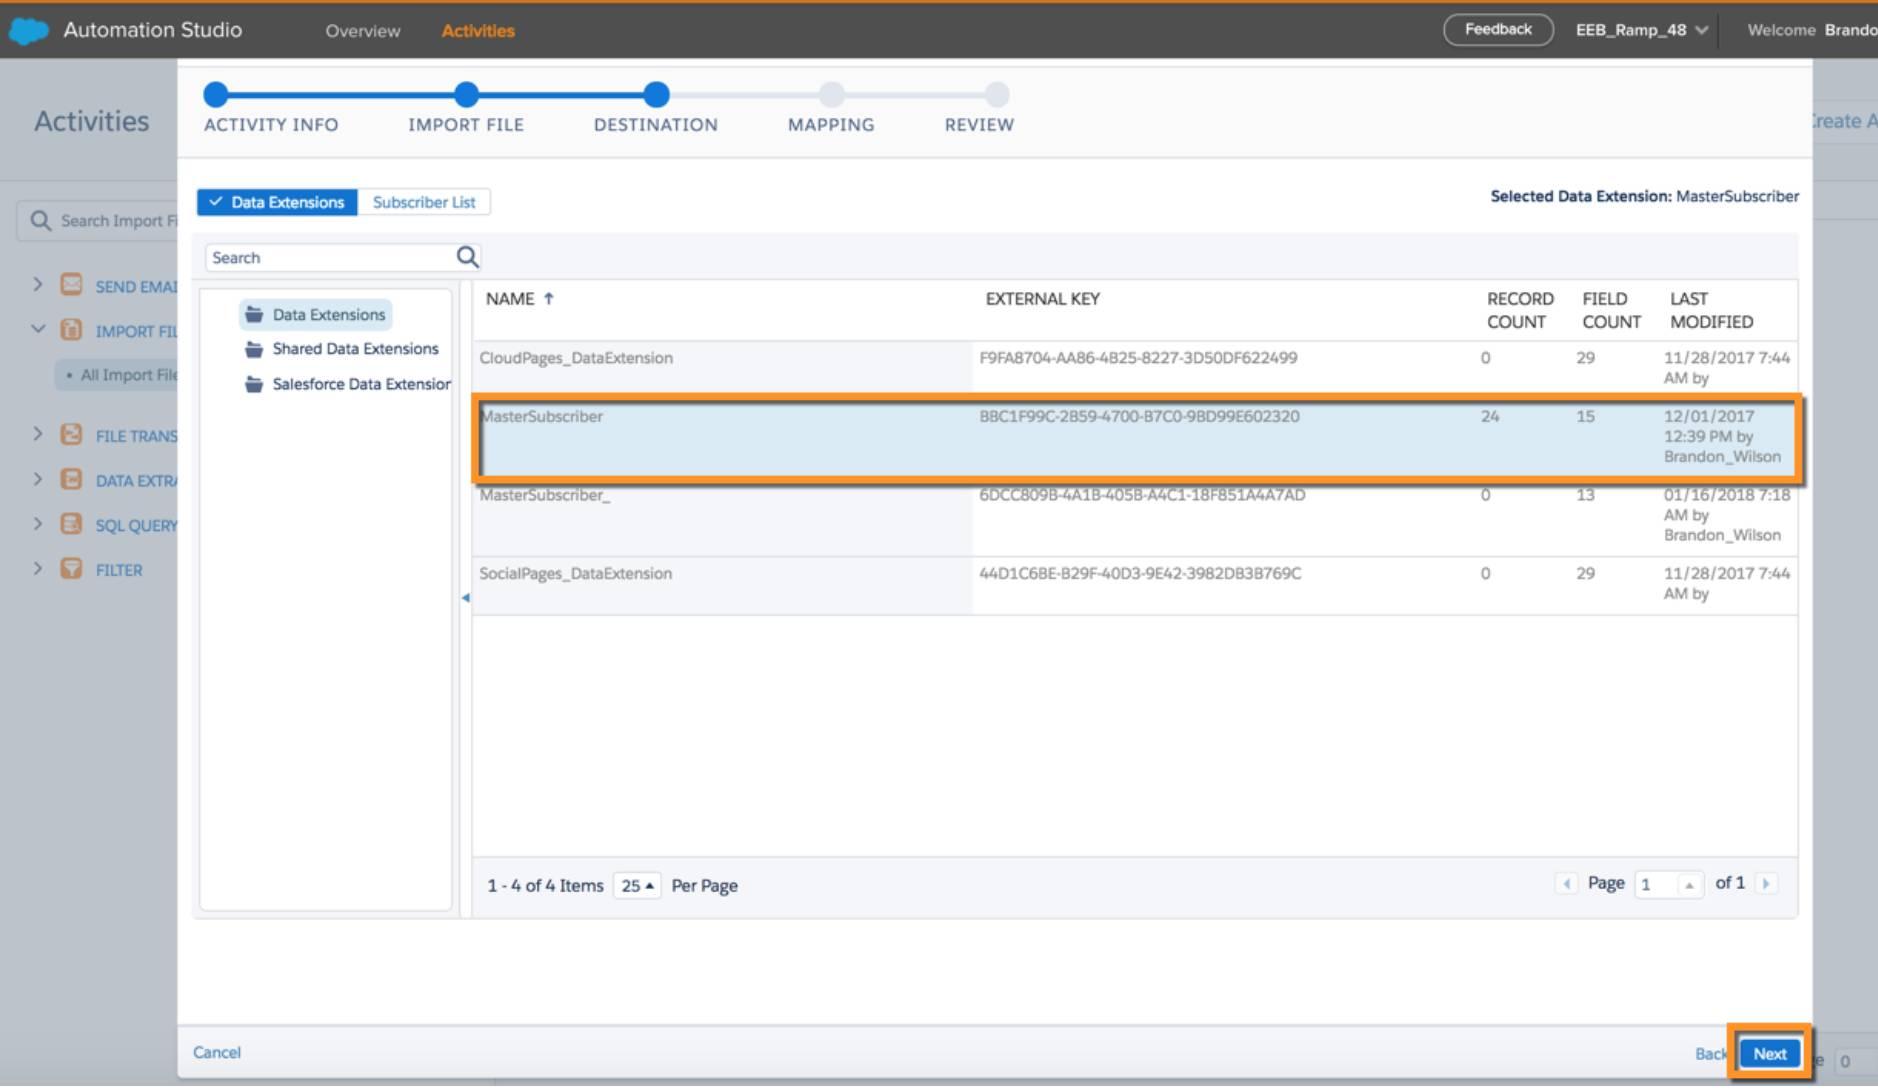 O destino do arquivo selecionado para a atividade de importação nas atividades do Automation Studio.